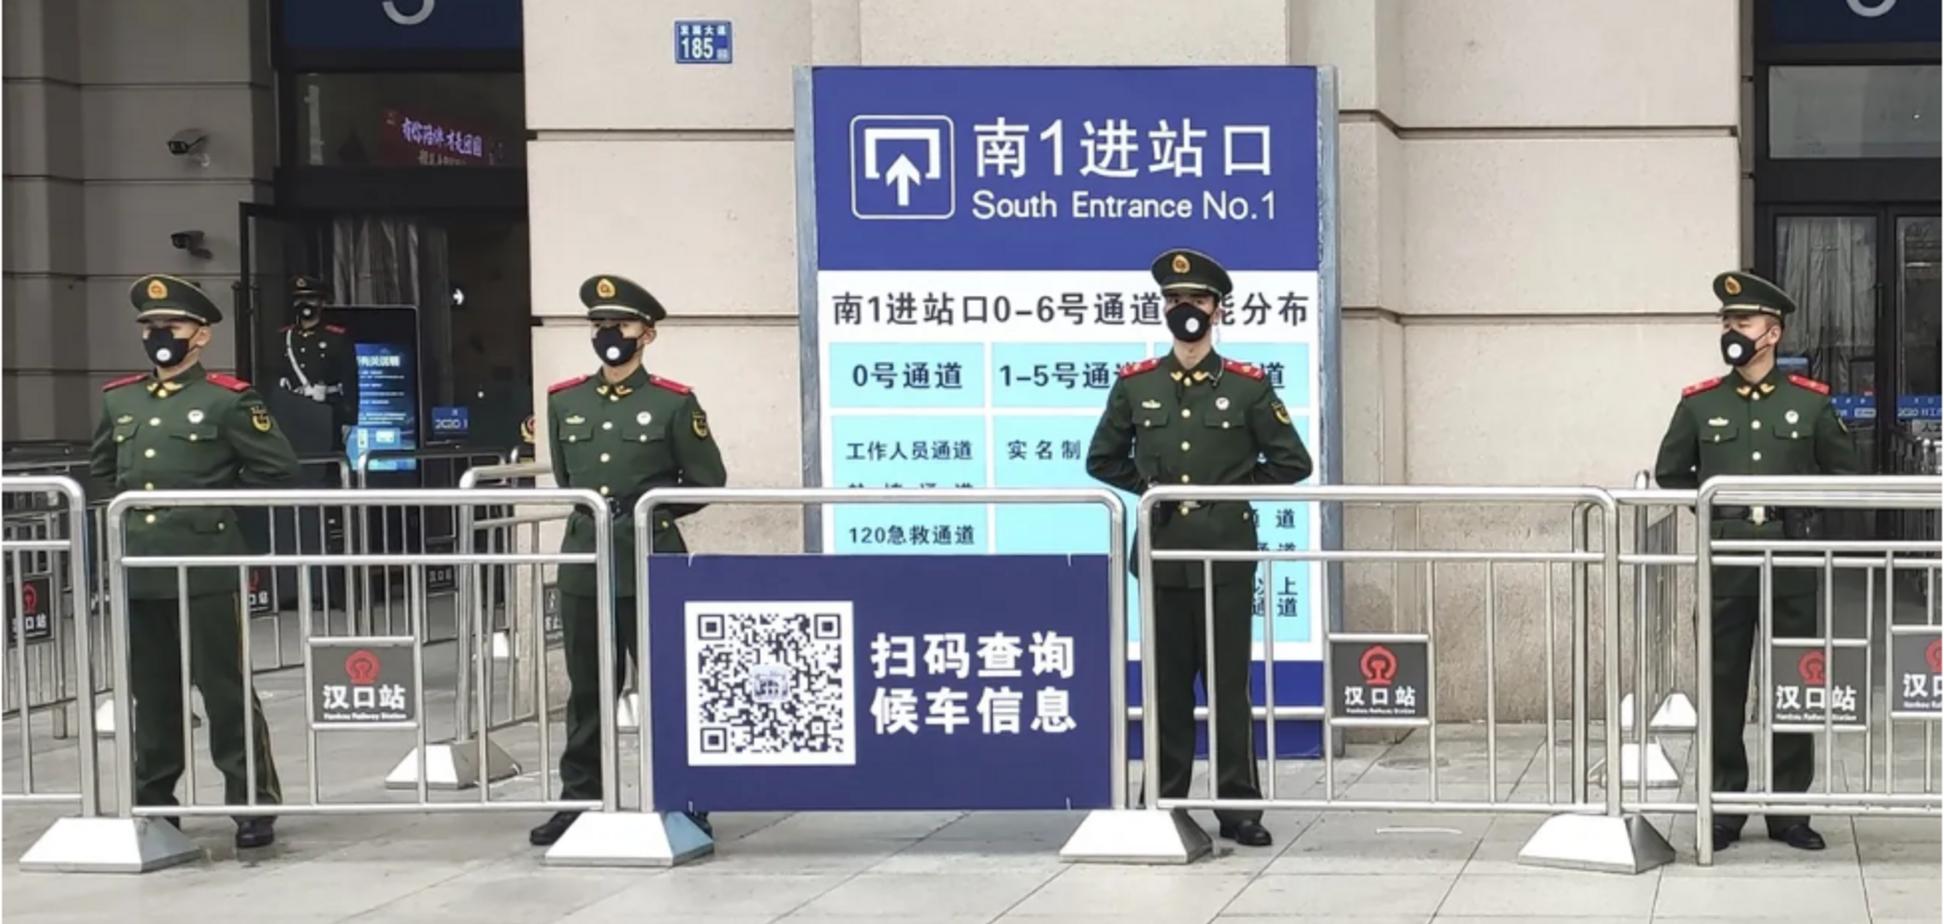 Начебто всі вимерли: в Китаї оголосили жорсткий карантин через коронавірус. Фото і відео